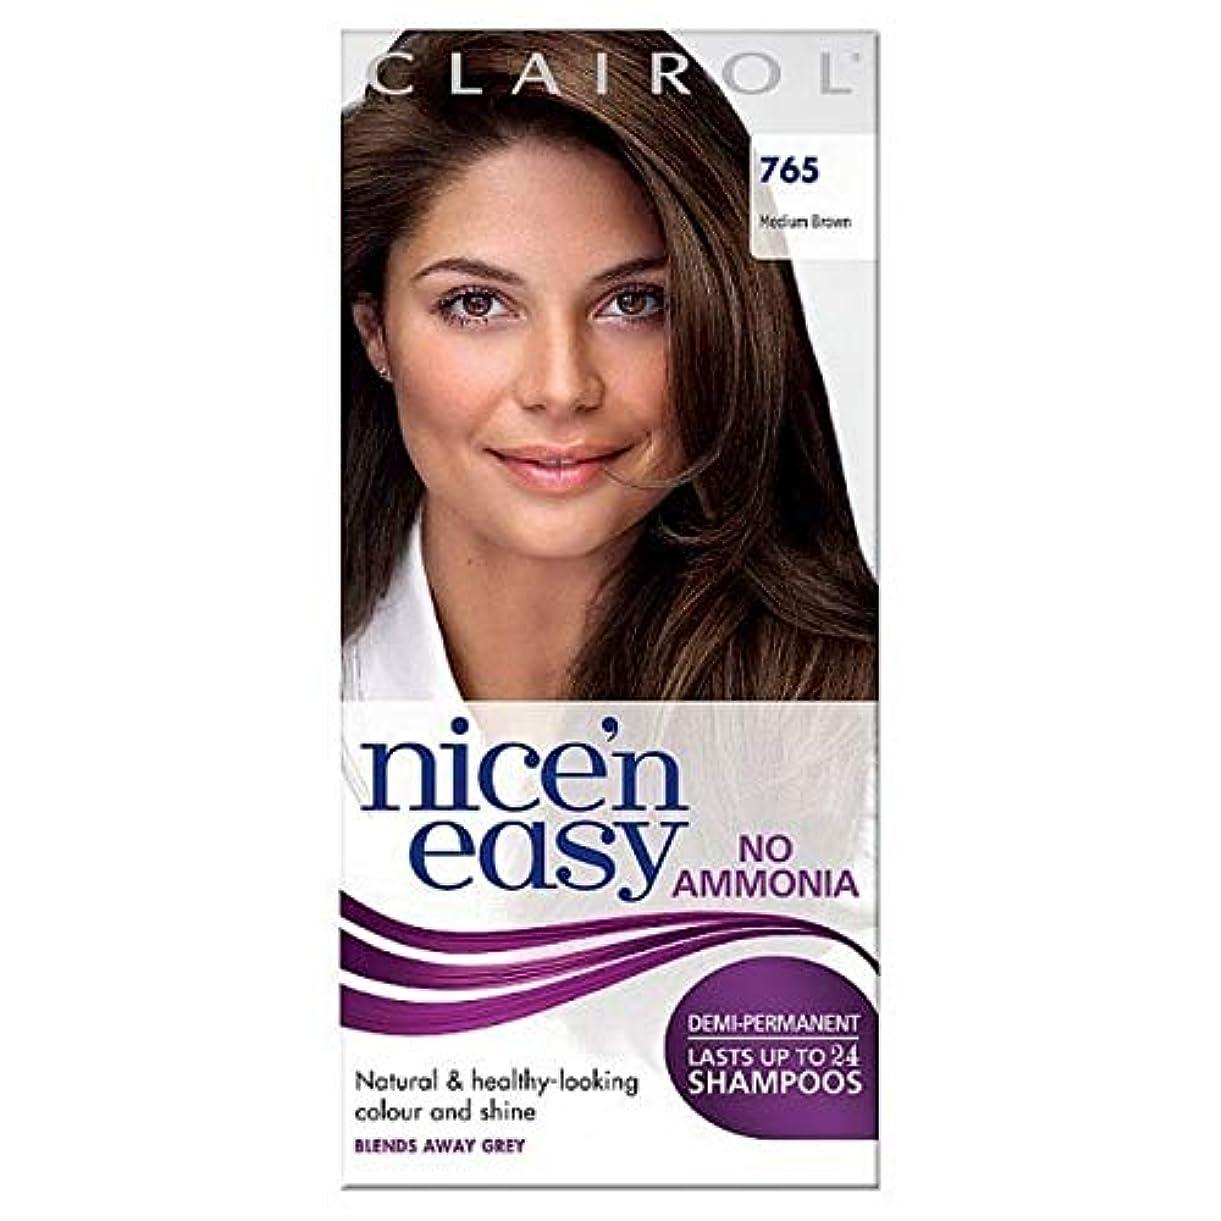 難破船微生物素晴らしき[Nice'n Easy] Nice'N簡単に何のアンモニアの染毛剤ませんミディアムブラウン765 - Nice'n Easy No Ammonia Hair Dye Medium Brown 765 [並行輸入品]